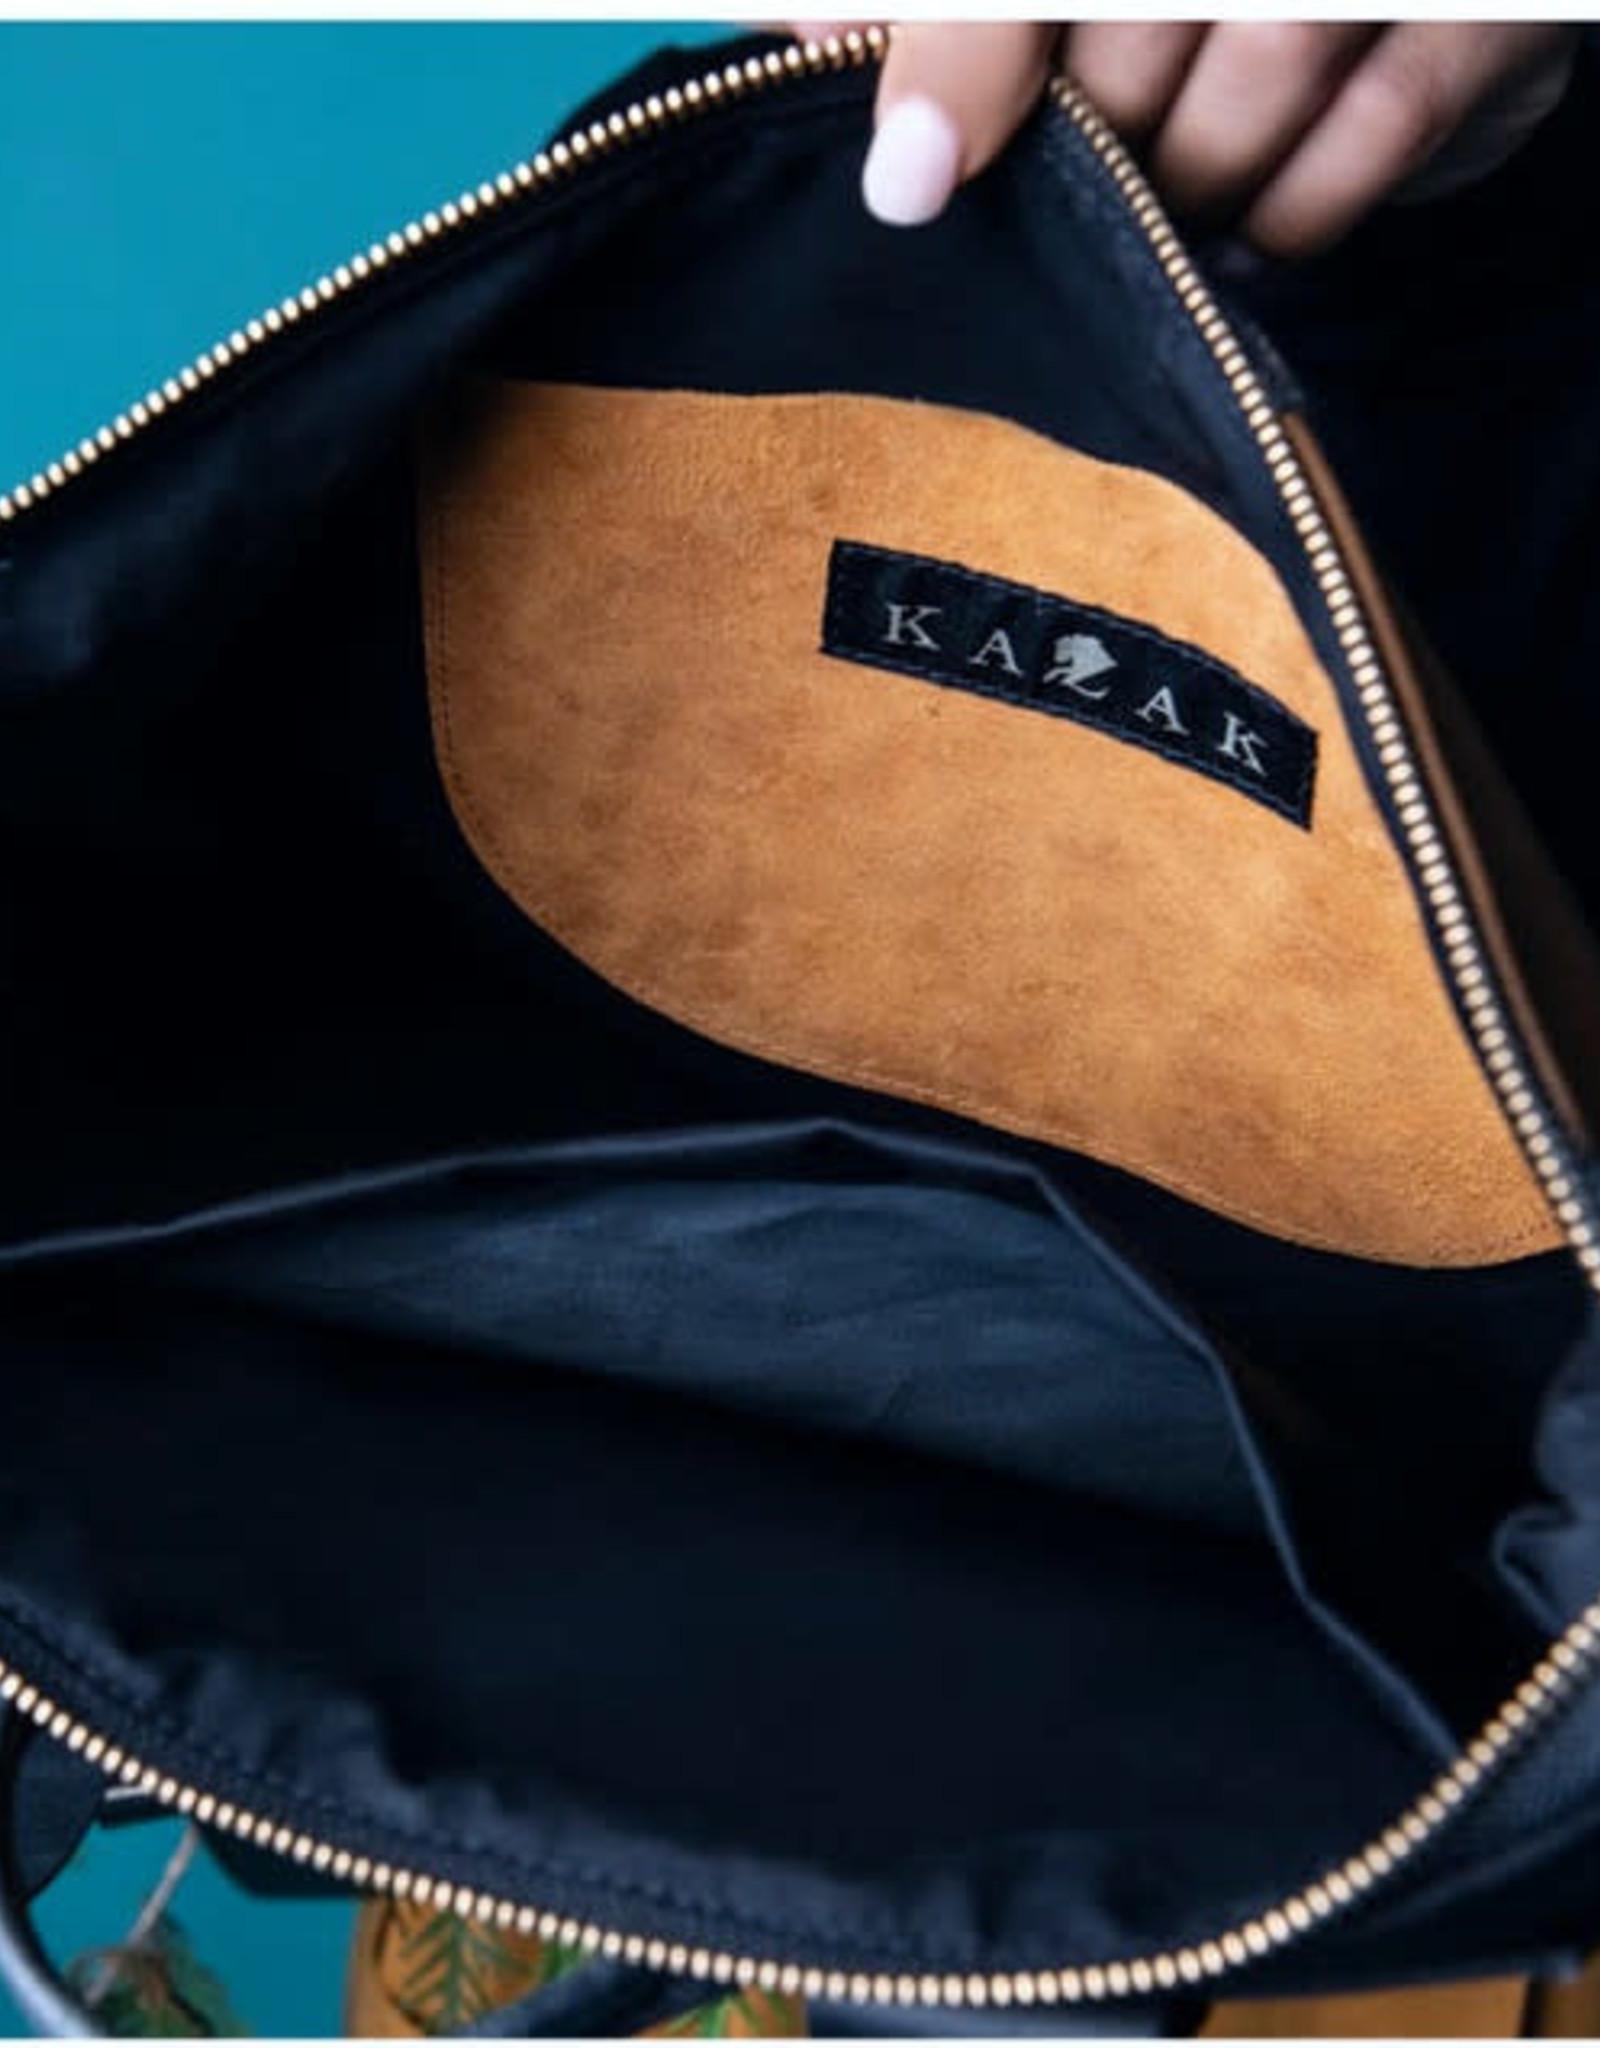 Kazak Sac Hobart Kazak Cuir rayures brun/ Cuir noir